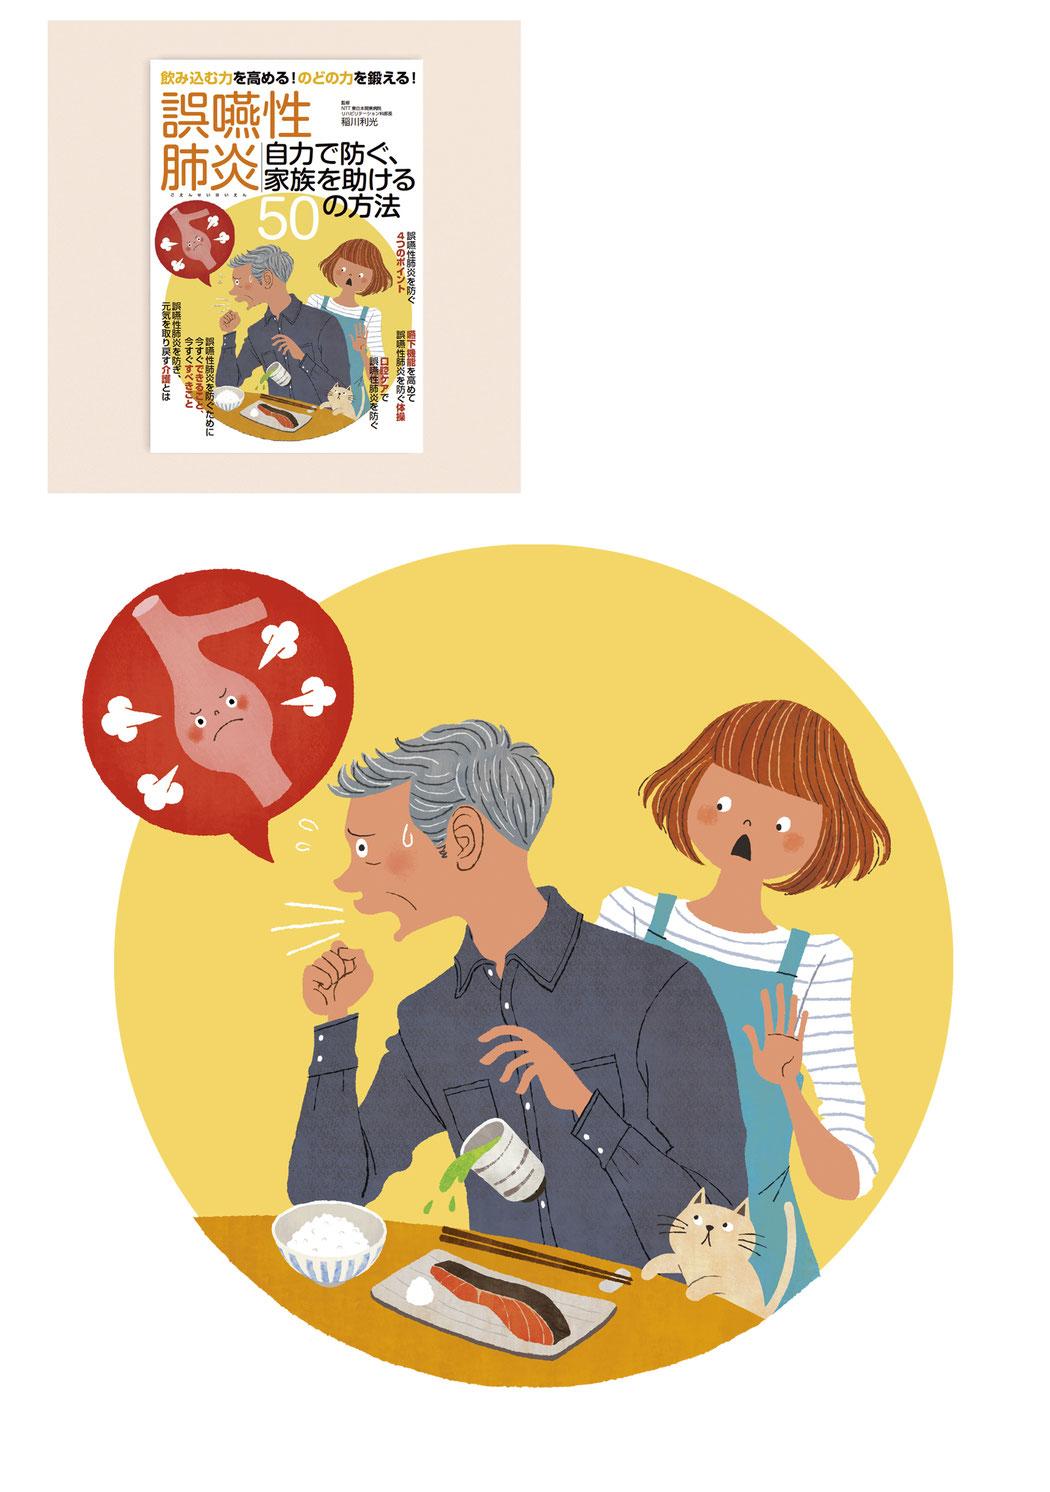 高齢男性が咳き込んでいる表紙イラスト